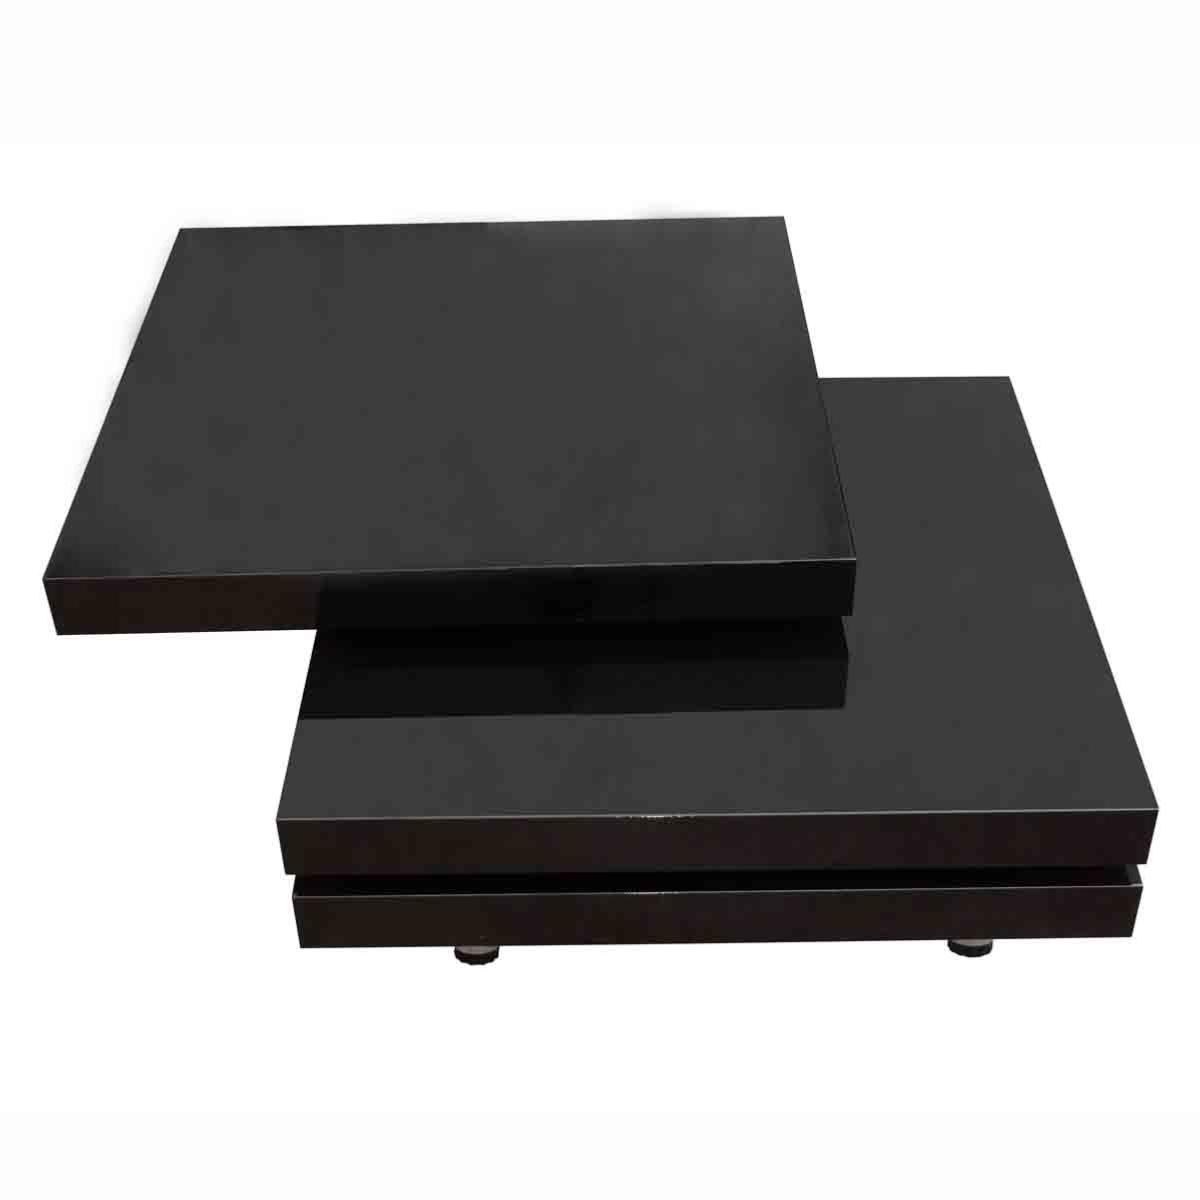 table basse pivotante carr e mod le fusion noir. Black Bedroom Furniture Sets. Home Design Ideas